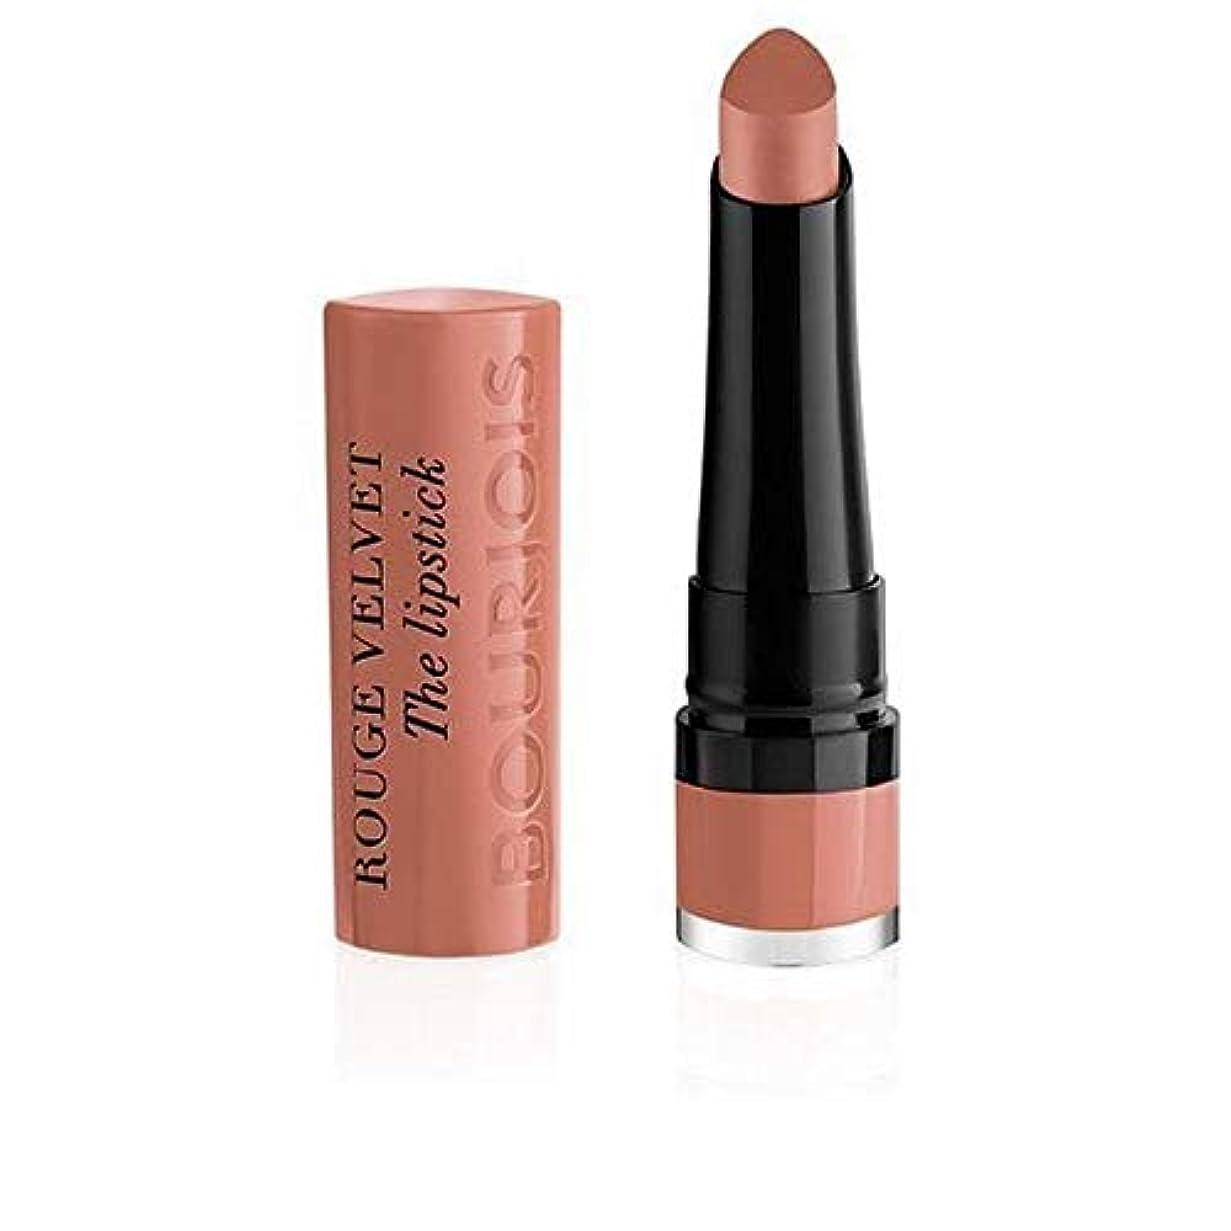 革新変える遠え[Bourjois ] ブルジョワルージュのベルベットの口紅ちょっとヌード1 - Bourjois Rouge Velvet Lipstick Hey Nude 1 [並行輸入品]